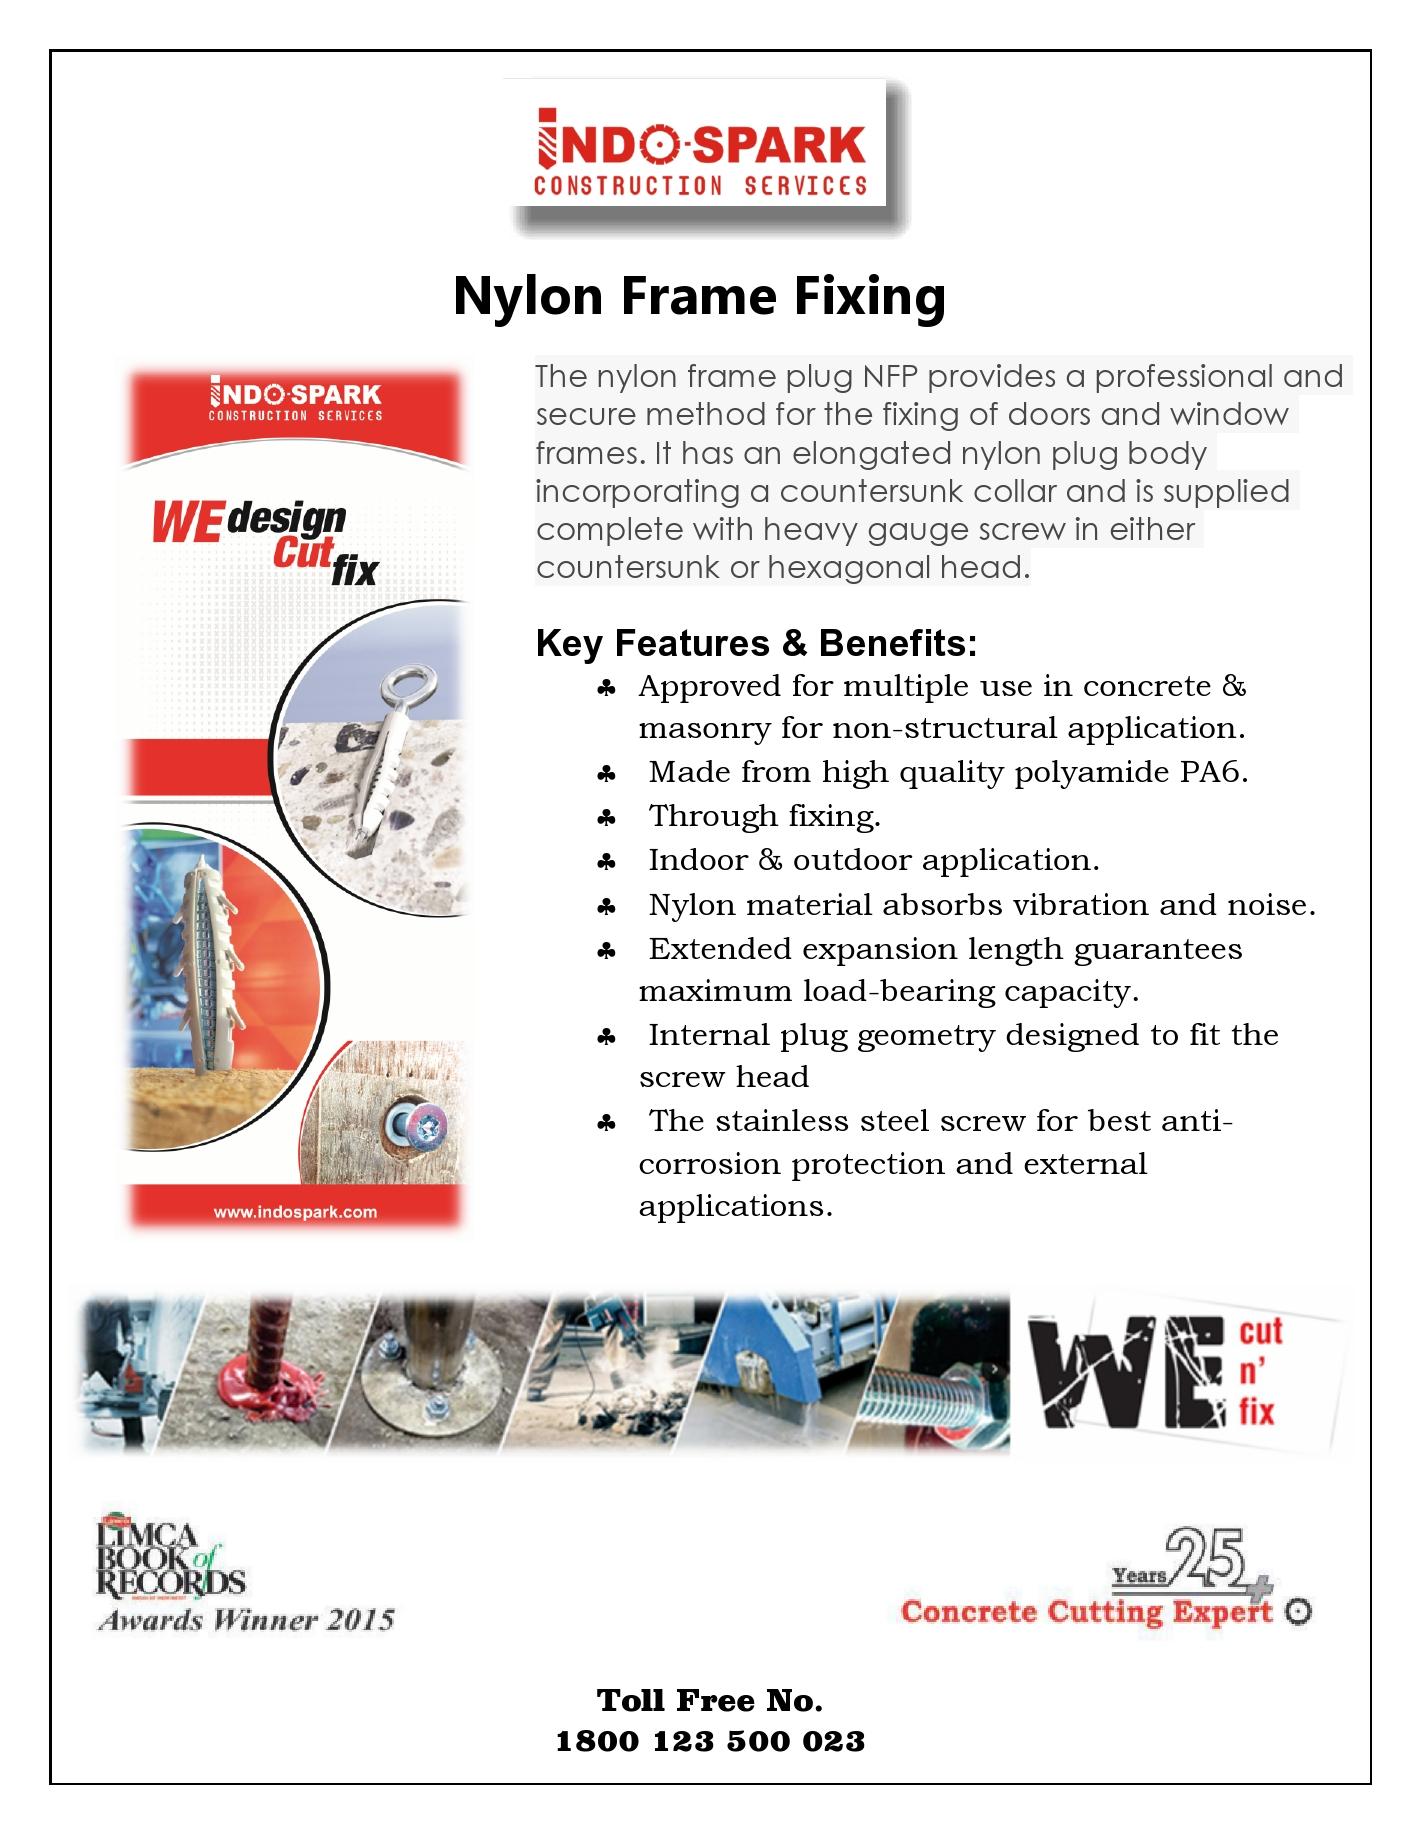 Nylon Frame Fixing